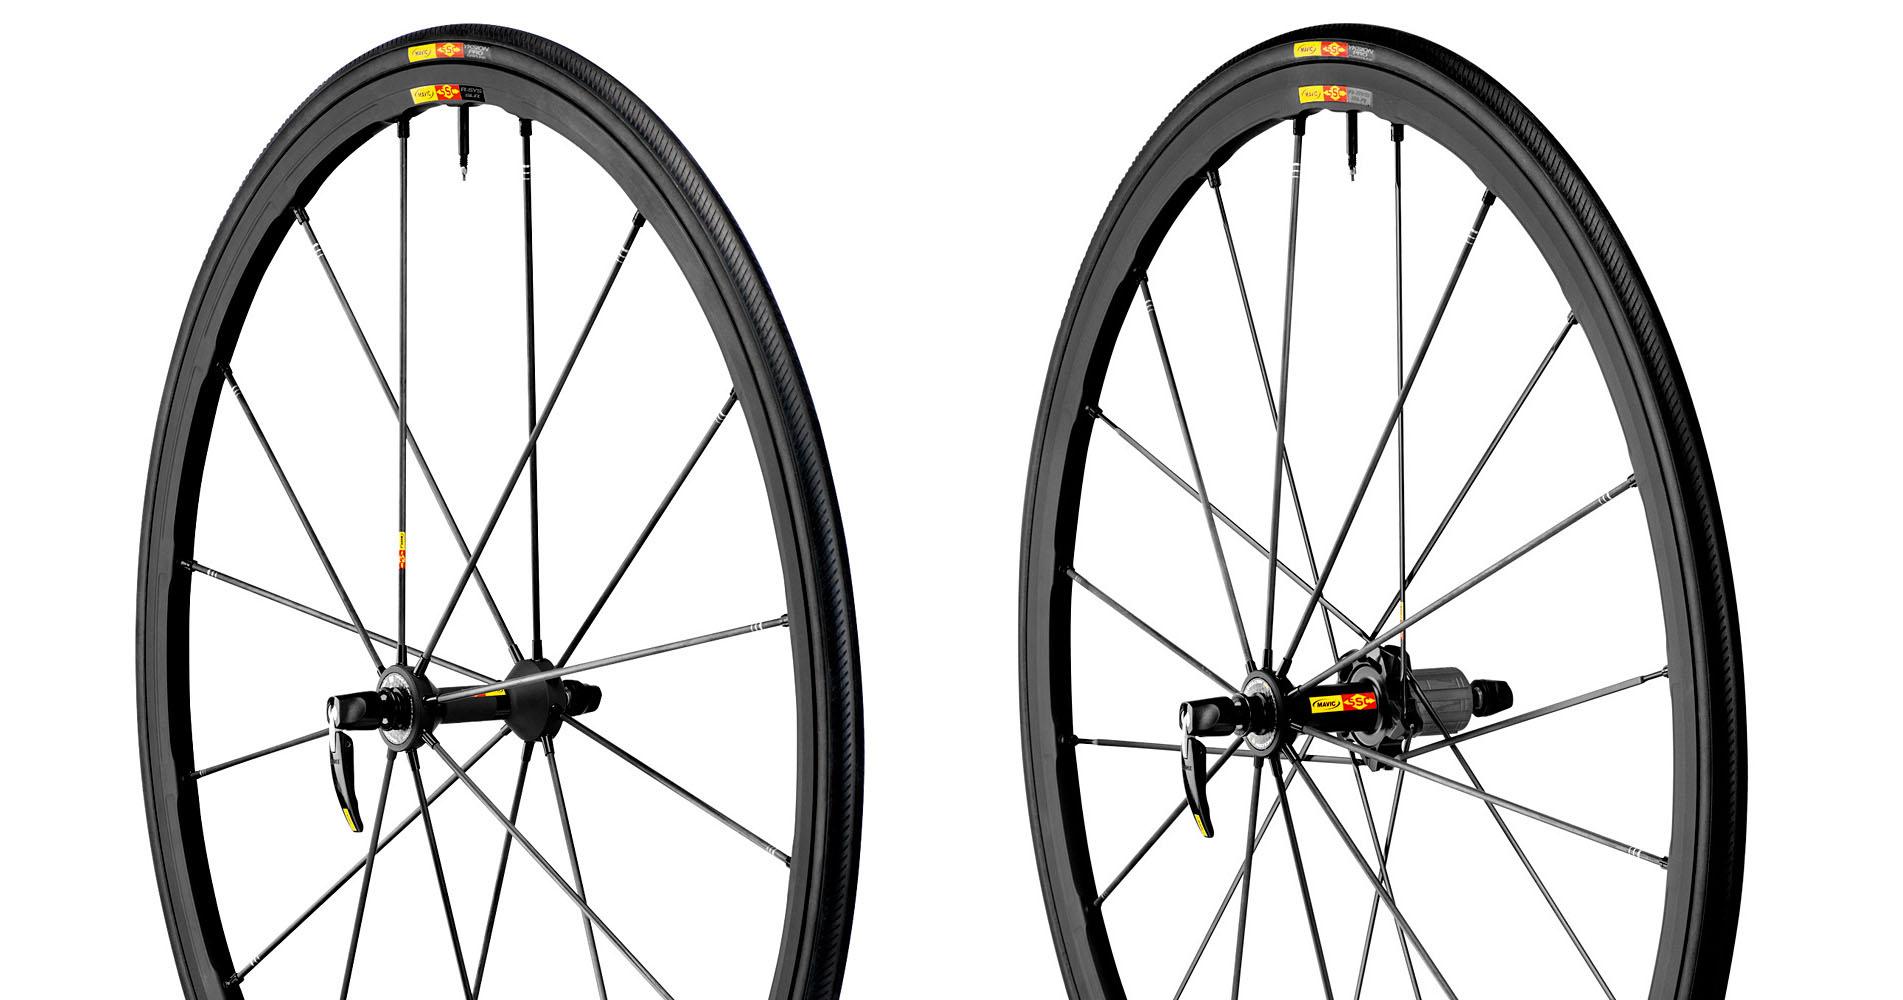 mavic 2014 paire de roues r sys slr version shimano sram pneus yksion pro. Black Bedroom Furniture Sets. Home Design Ideas